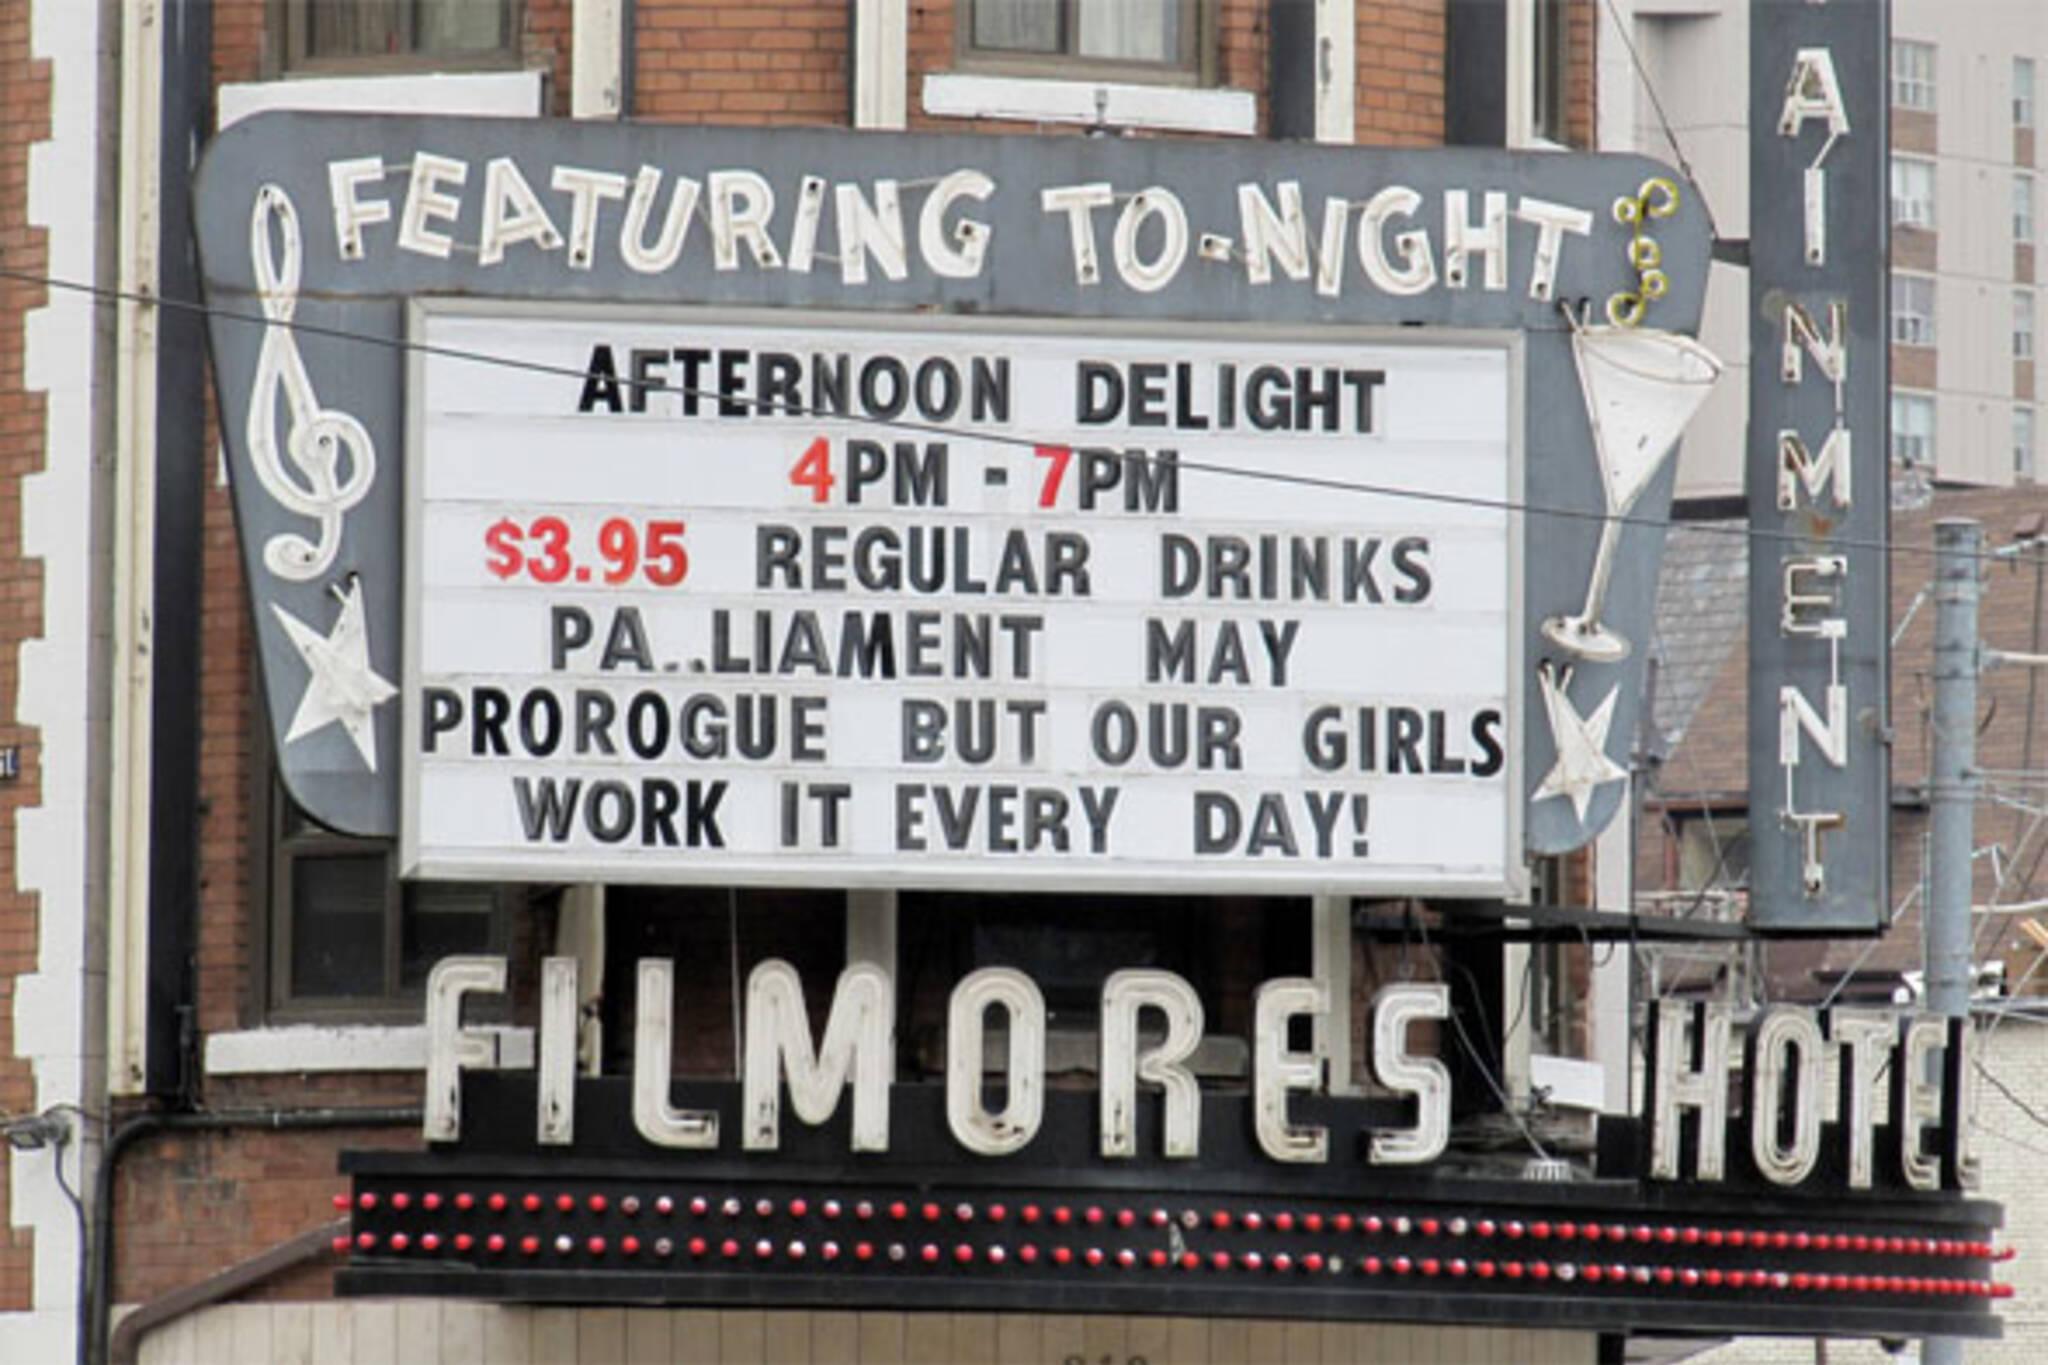 filmore's hotel